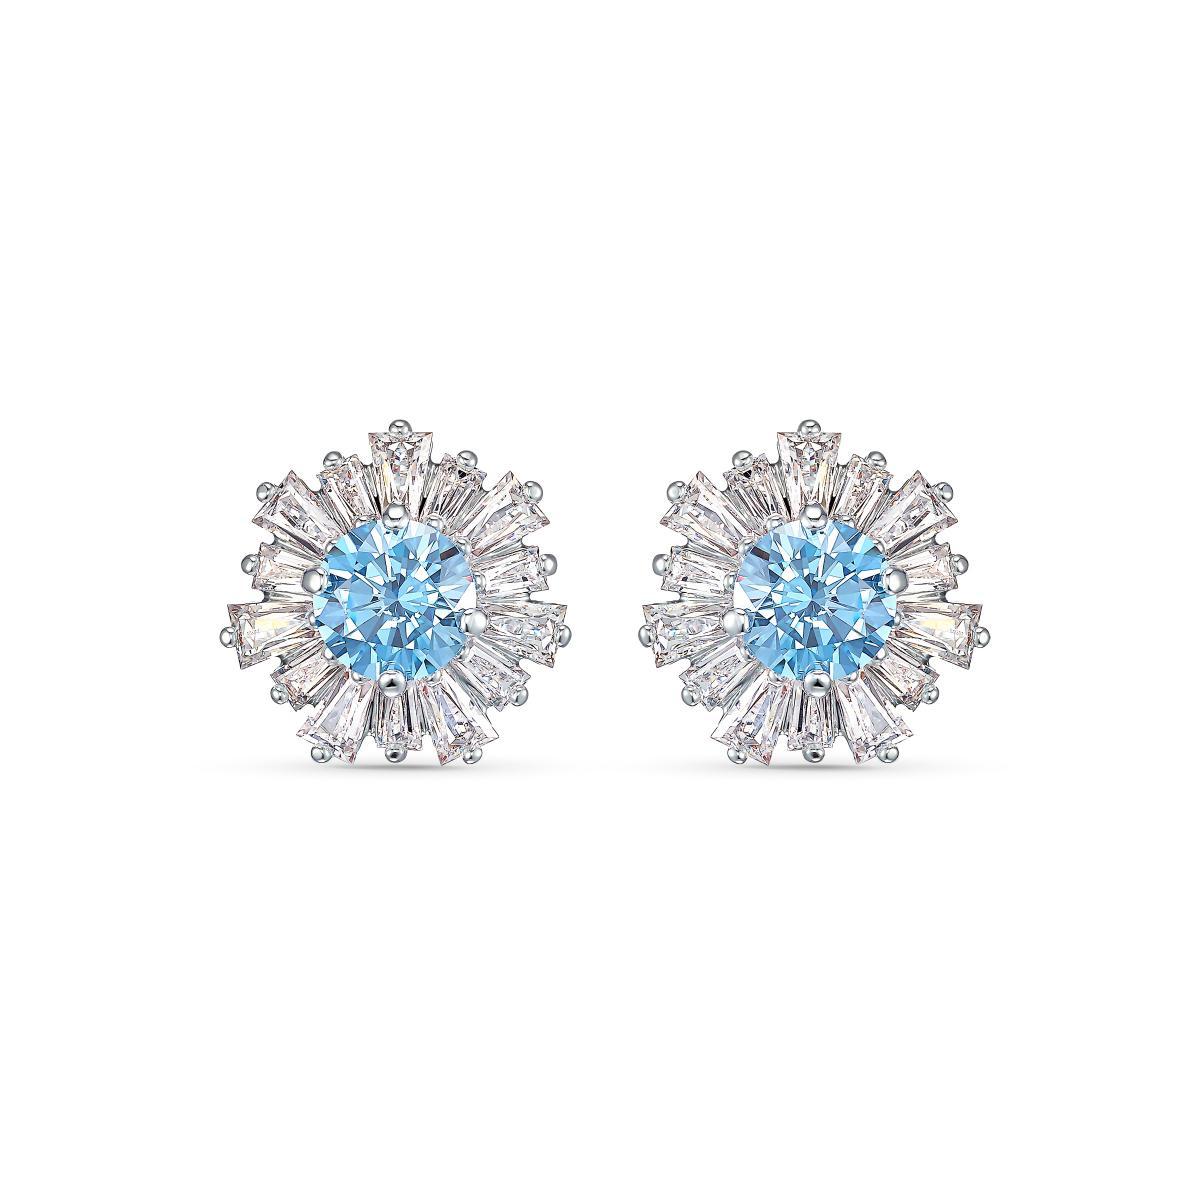 Femmes Mode élégante Boucles D/'oreilles Clous Cristal Strass Fleur Bleu Bijoux